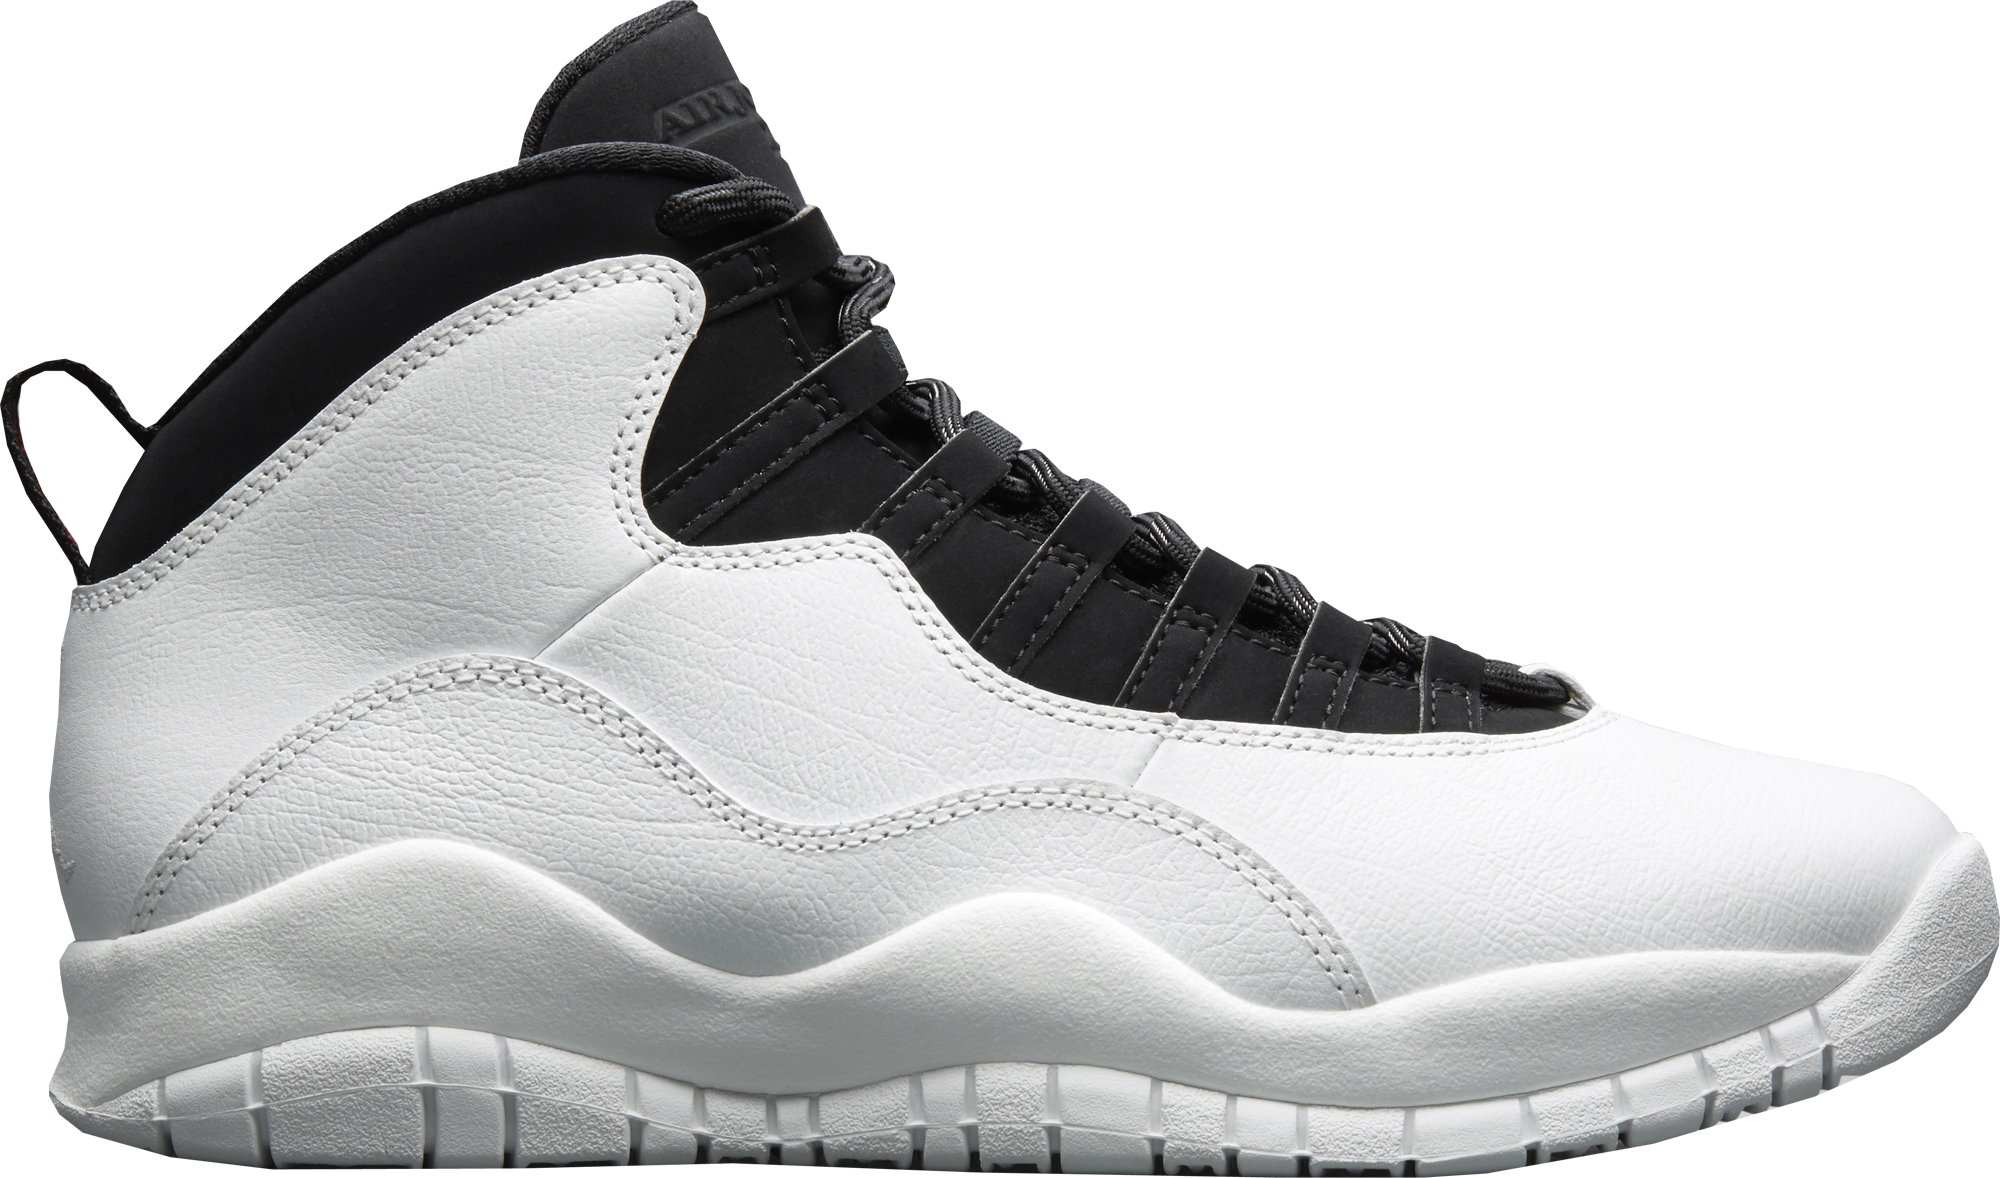 10s Air Jordan Retro